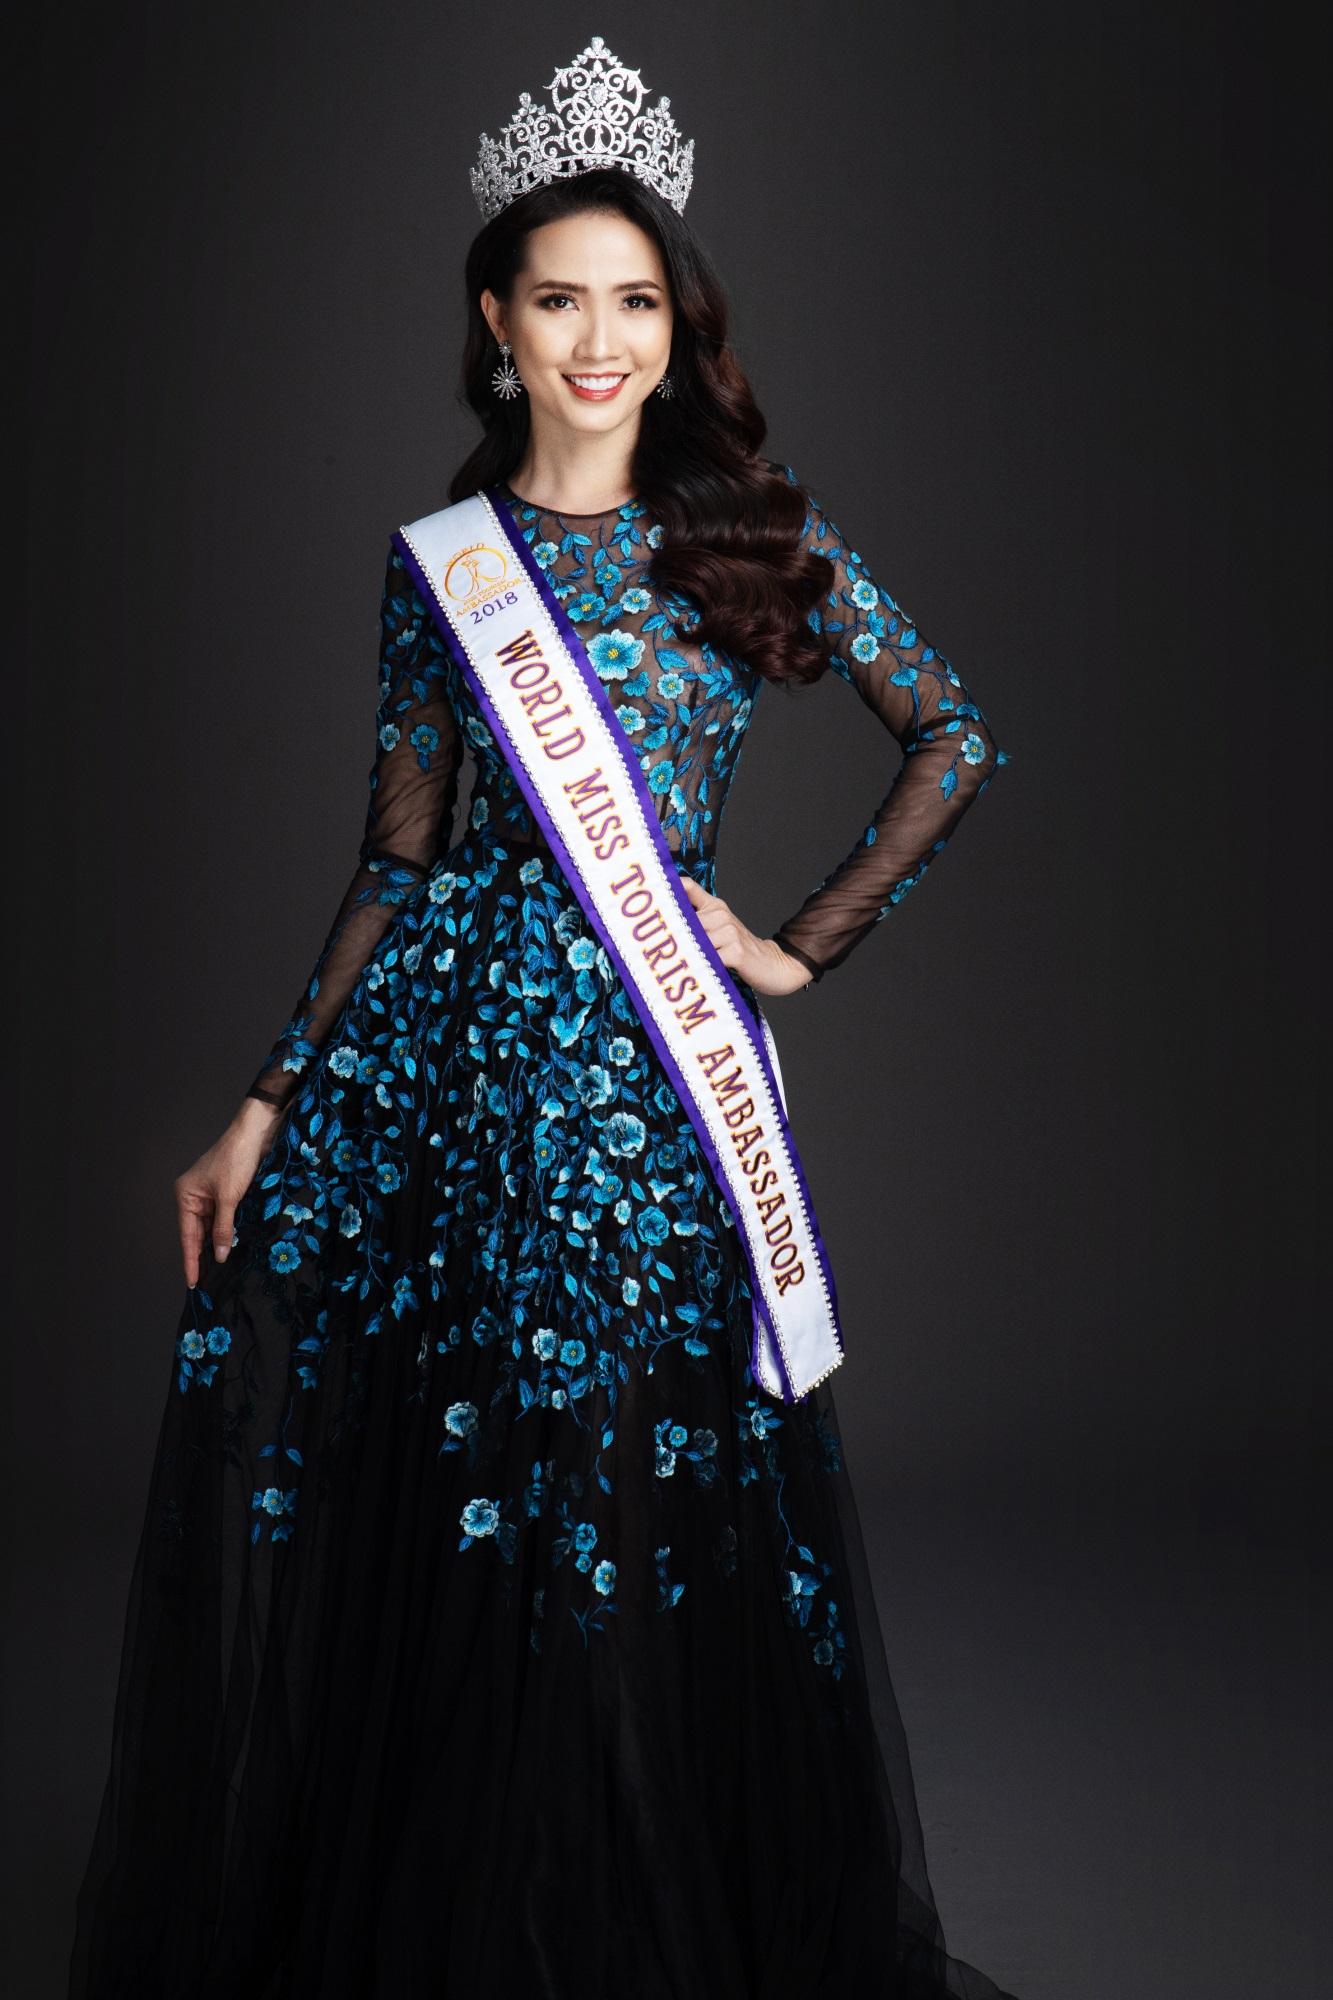 Phan Thị Mơ dẫn đầu bình chọn Nữ diễn viên truyền hình xuất sắc nhất Mai Vàng 2018 - Ảnh 5